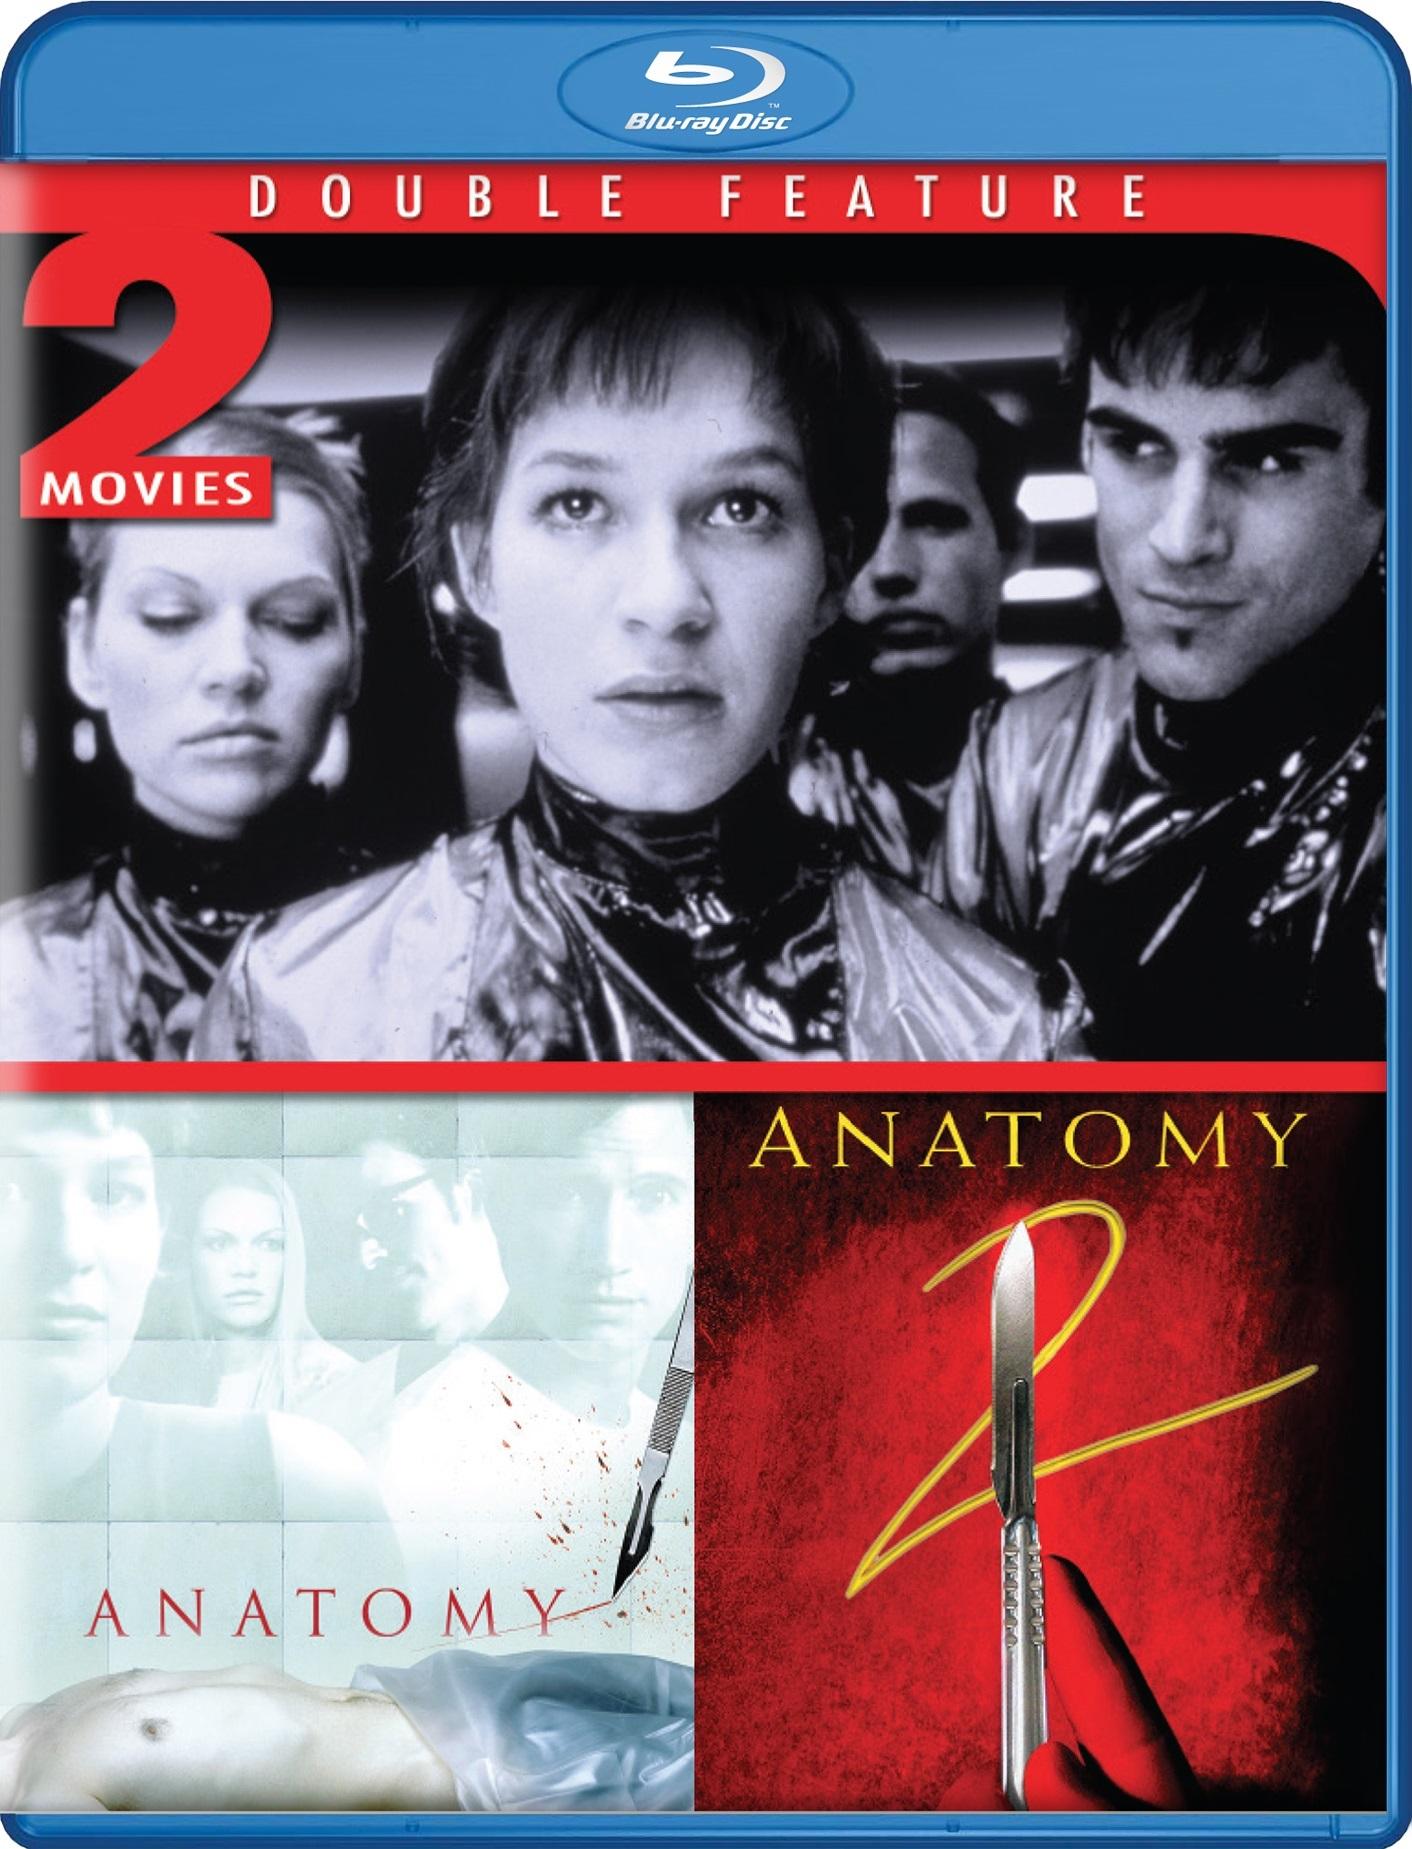 Anatomy / Anatomy 2 Blu-ray: Anatomie, Anatomie 2